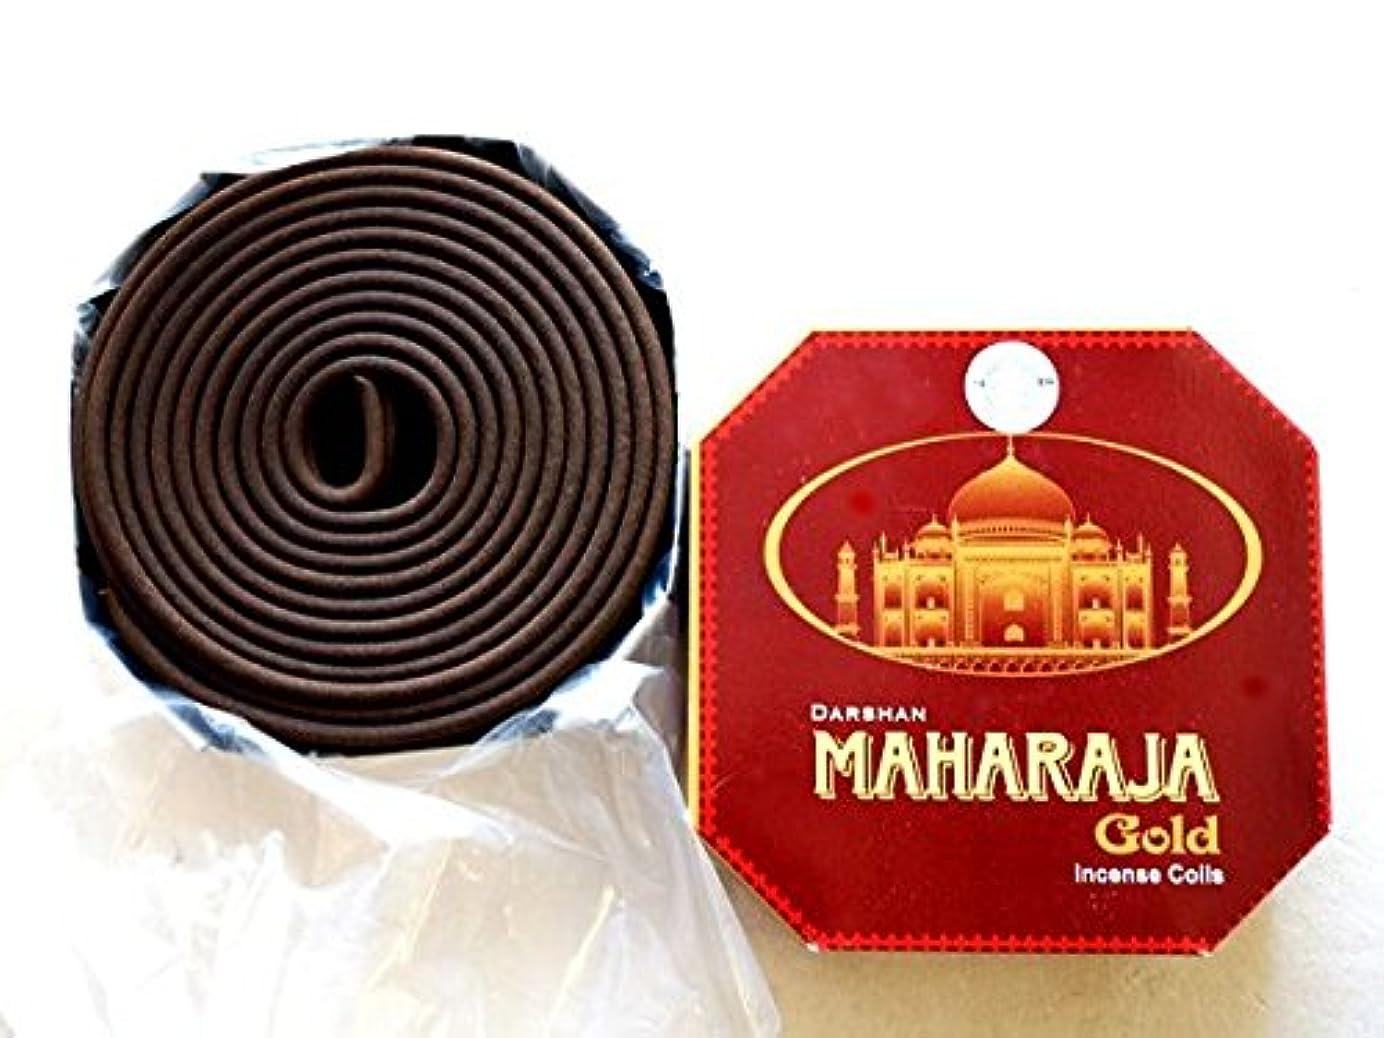 純粋な親指許可バリタイ お香/渦巻き香/マハラジャゴールド/オリエンタルな香りのインド香